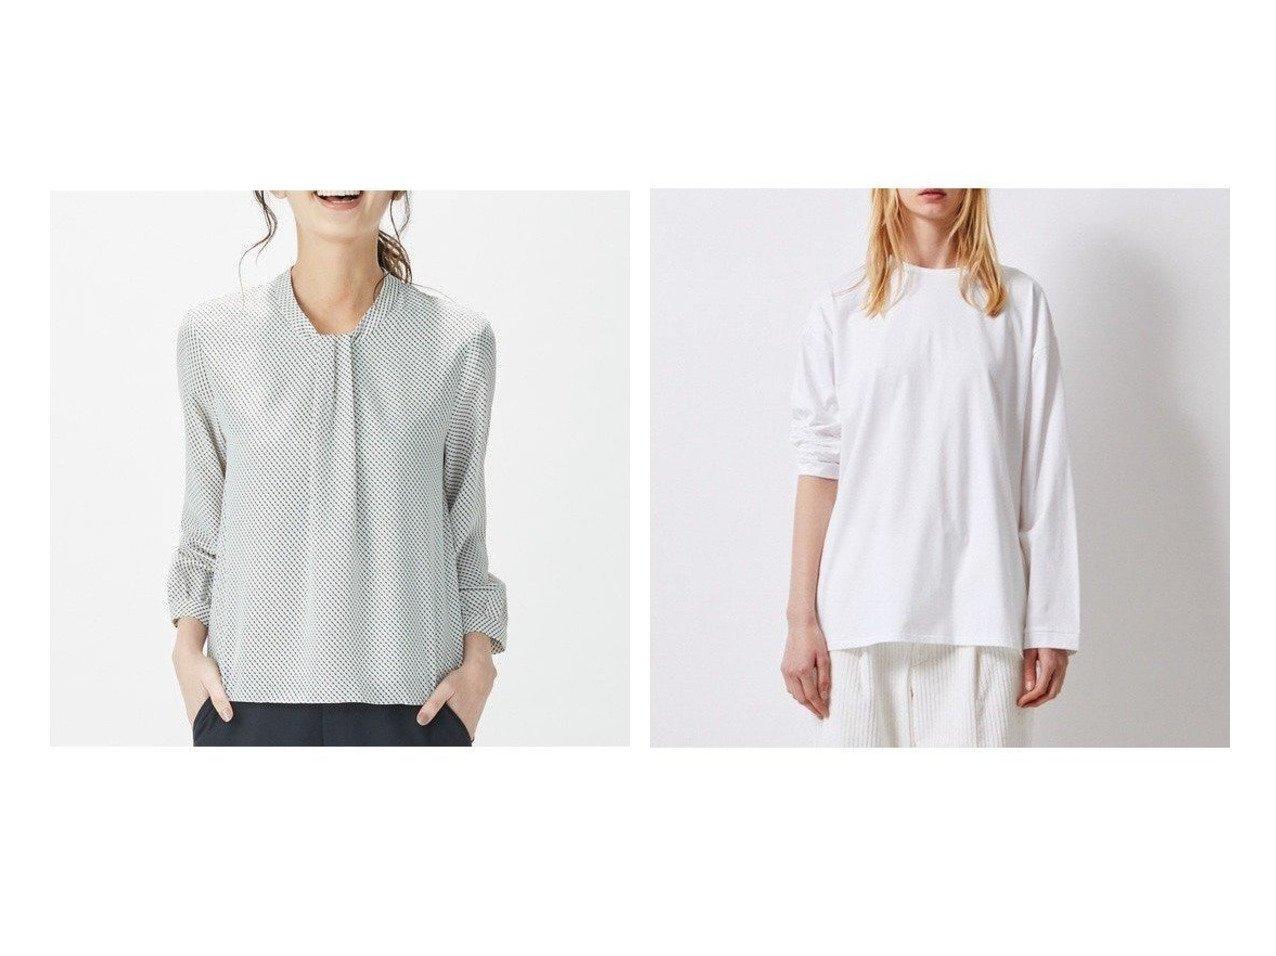 【ATON/エイトン】のオーバーサイズ ロングスリーブ Tシャツ(UNISEX)&【J.PRESS/ジェイ プレス】の【洗える】バイヤス幾何プリント カットソー トップス・カットソーのおすすめ!人気、トレンド・レディースファッションの通販 おすすめで人気の流行・トレンド、ファッションの通販商品 メンズファッション・キッズファッション・インテリア・家具・レディースファッション・服の通販 founy(ファニー) https://founy.com/ ファッション Fashion レディースファッション WOMEN トップス Tops Tshirt カットソー Cut and Sewn シャツ/ブラウス Shirts Blouses ロング / Tシャツ T-Shirts 送料無料 Free Shipping アンティーク カットソー ジャージ ドレープ プリント 洗える UNISEX スリーブ ロング 長袖 |ID:crp329100000011134